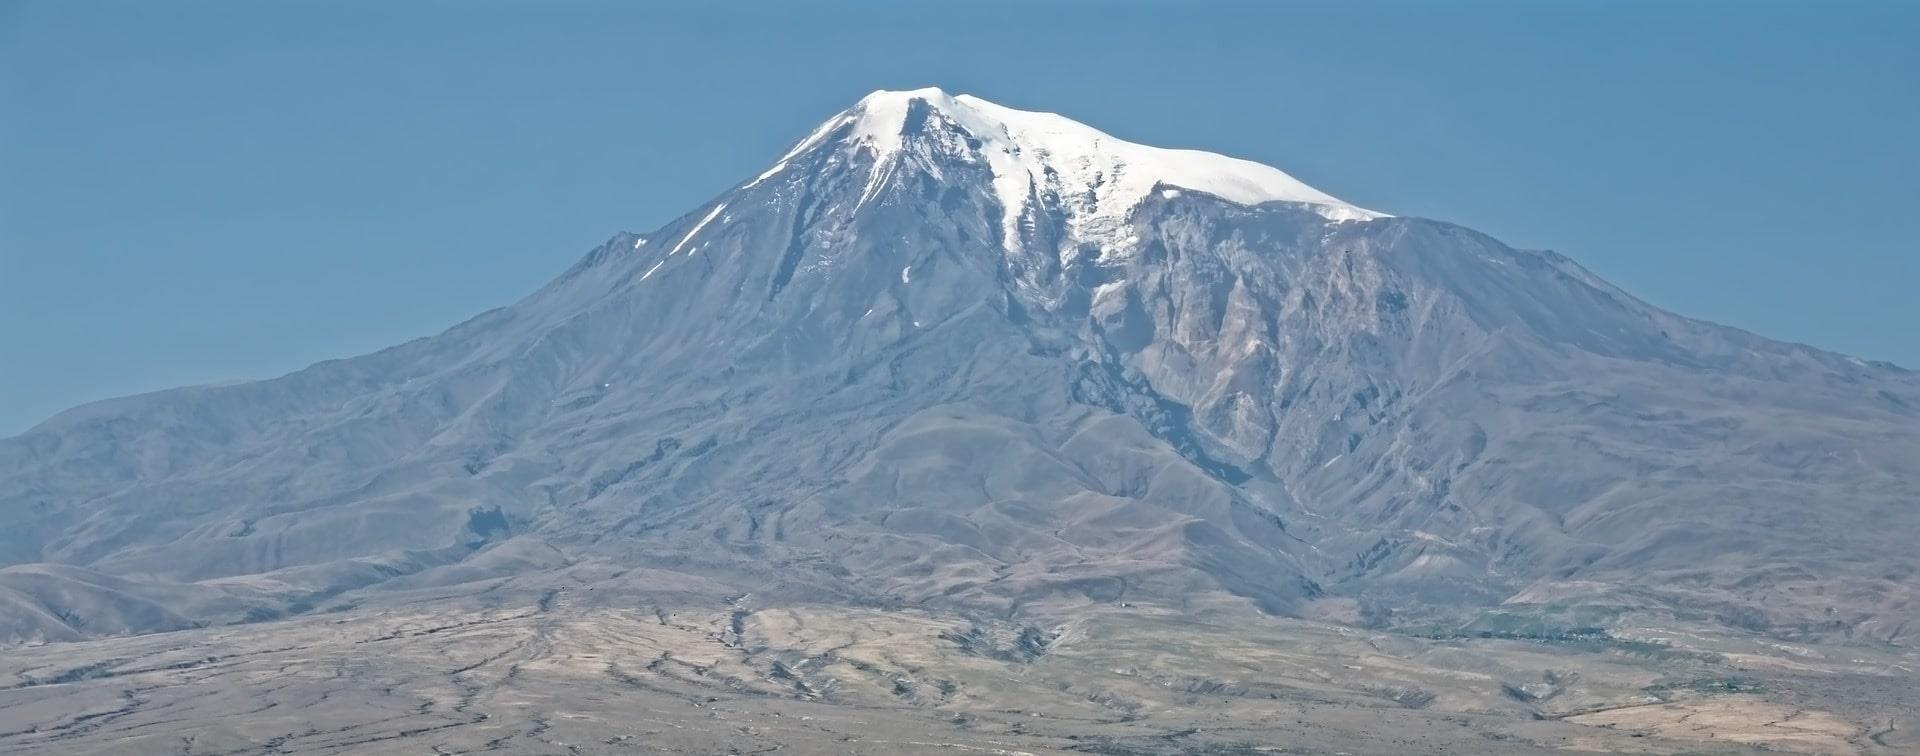 טיול מאורגן לארמניה | 7 ימים | 6 לילות